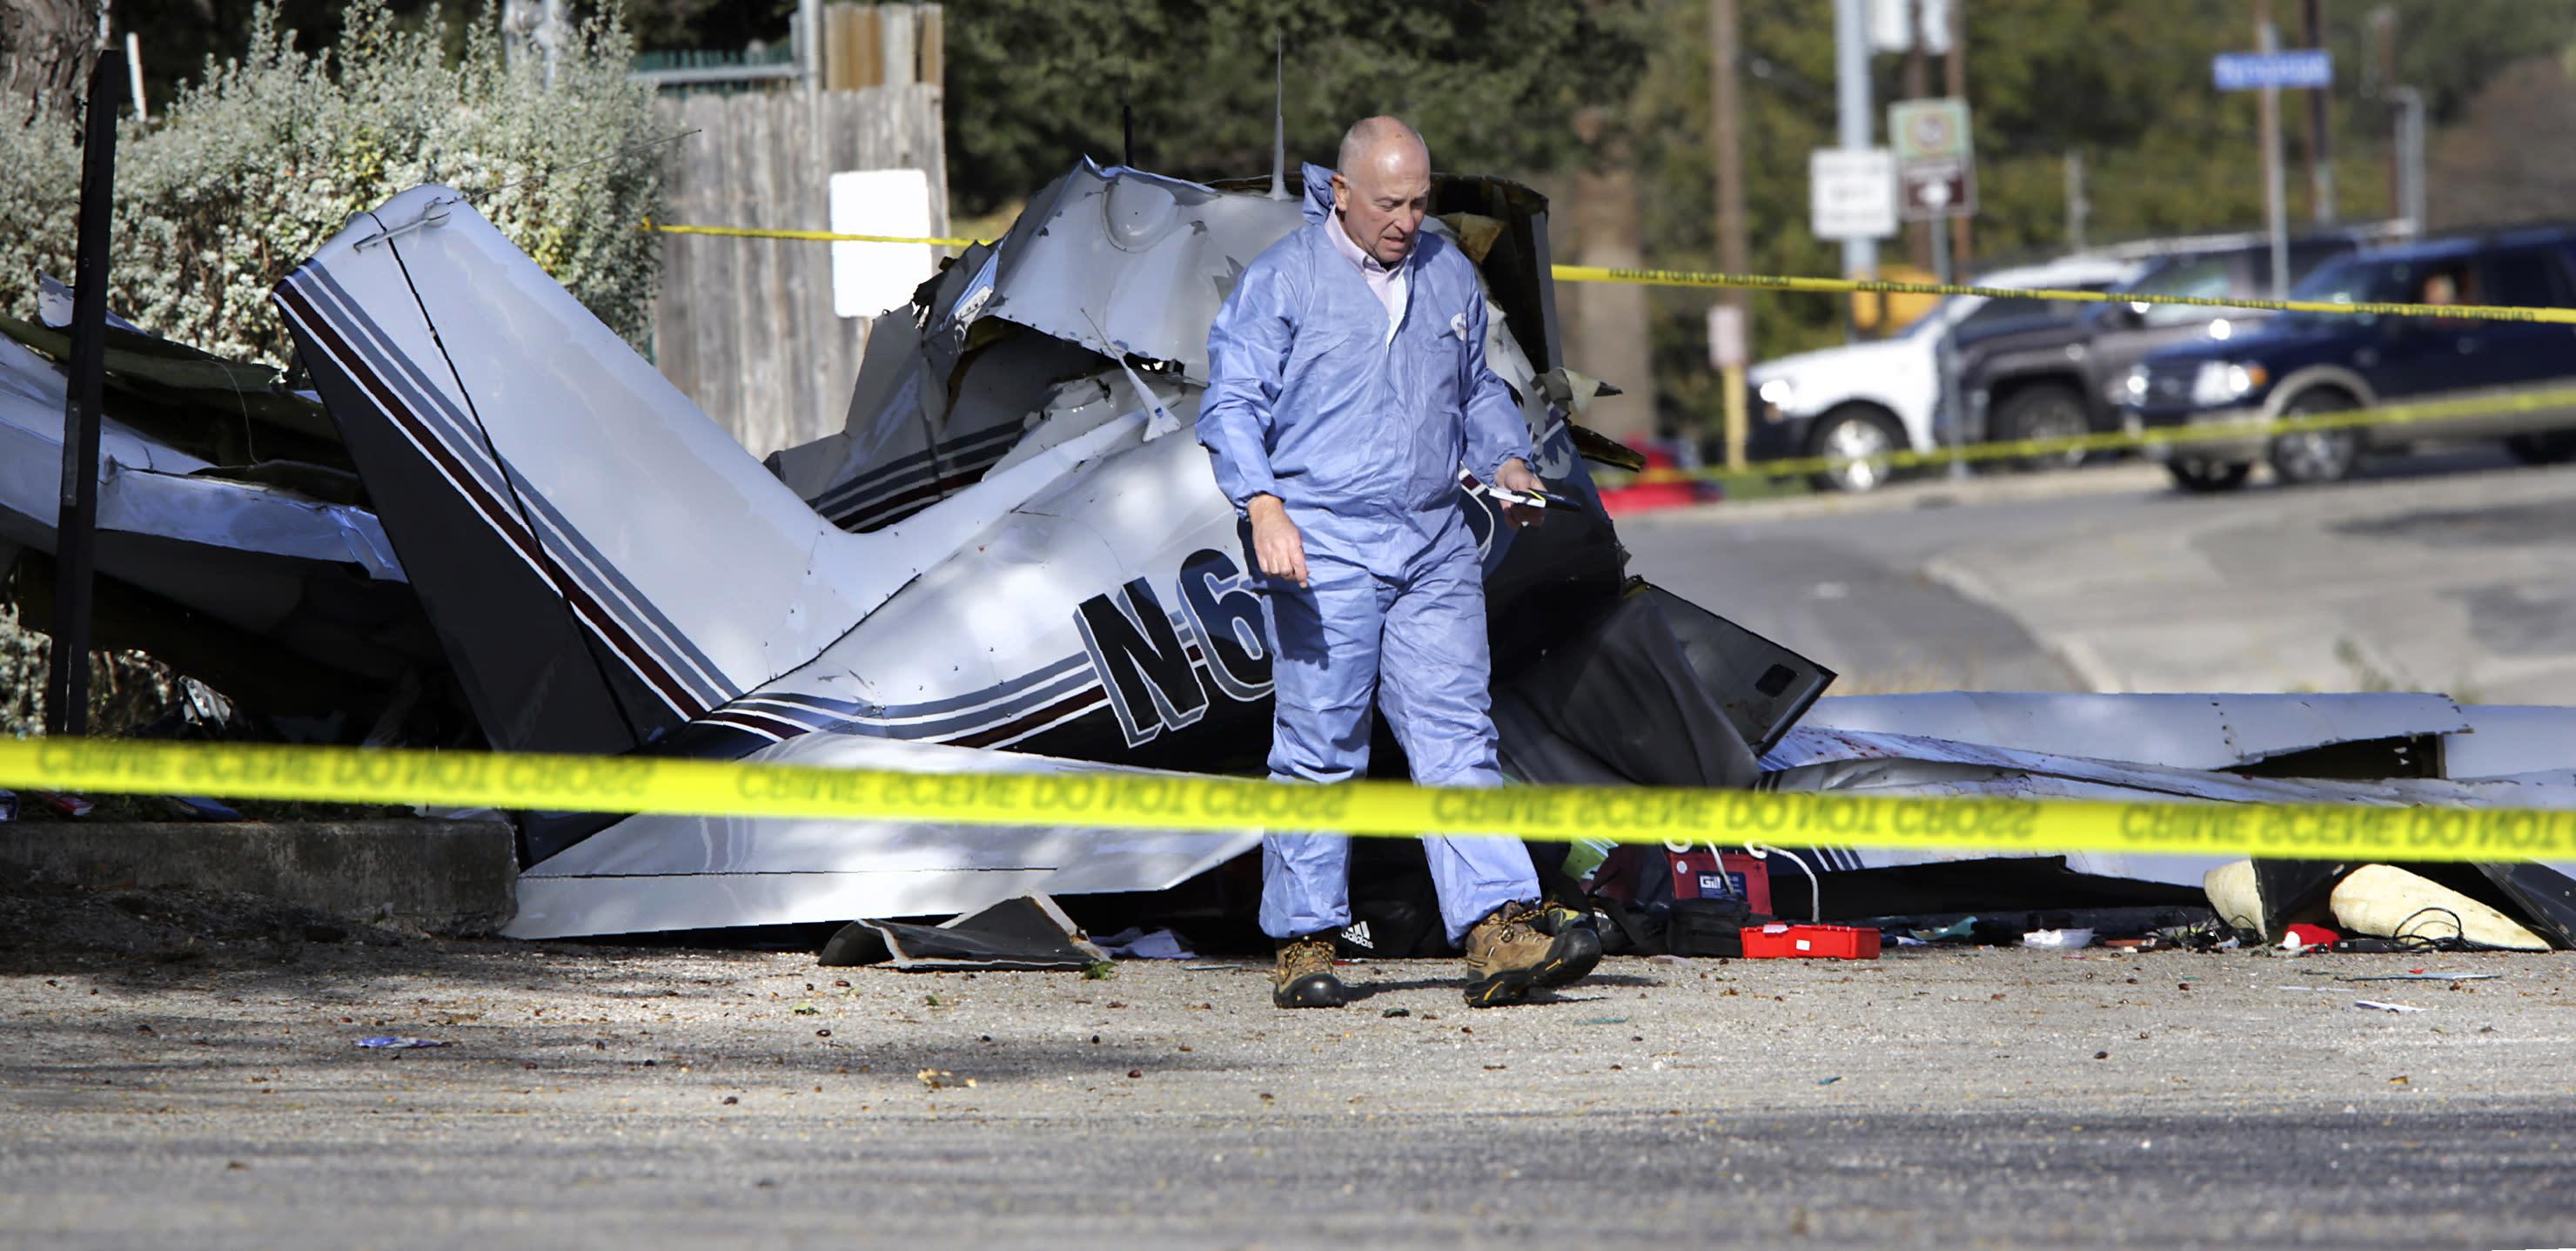 Plane Crash-San Antonio